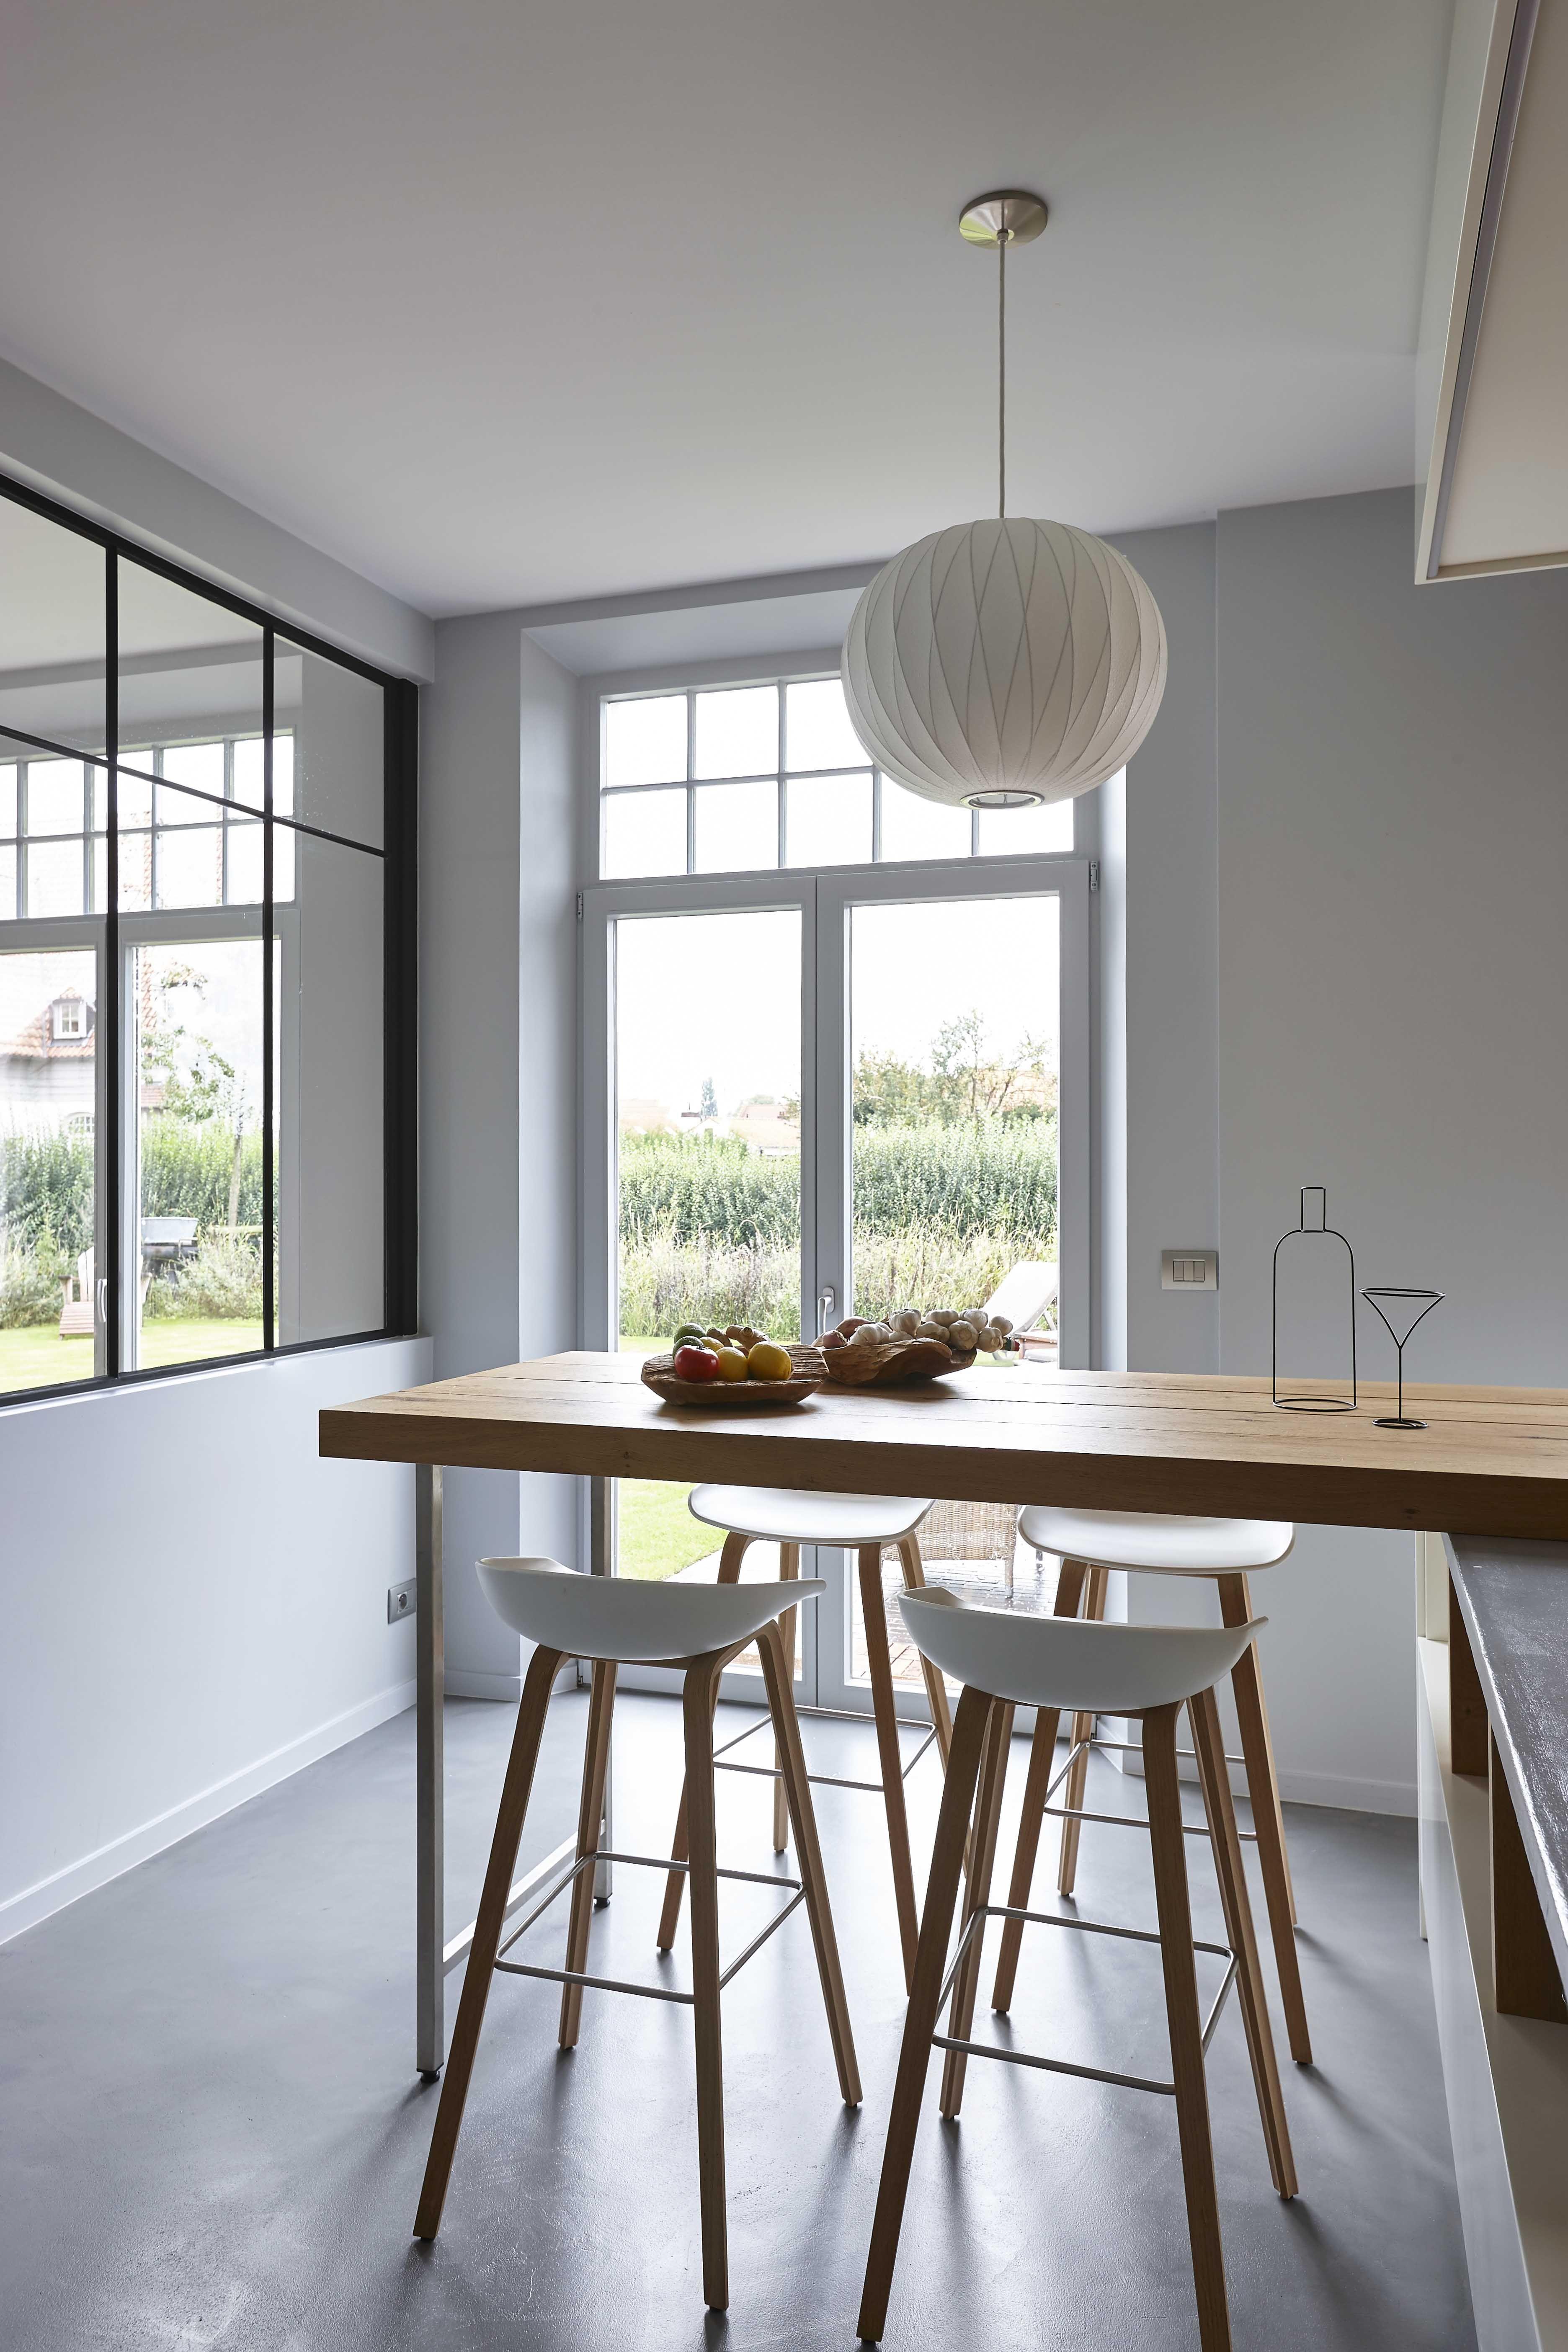 Architecte D Intérieur En Belgique cuisine design bois et béton dans une maison en belgique